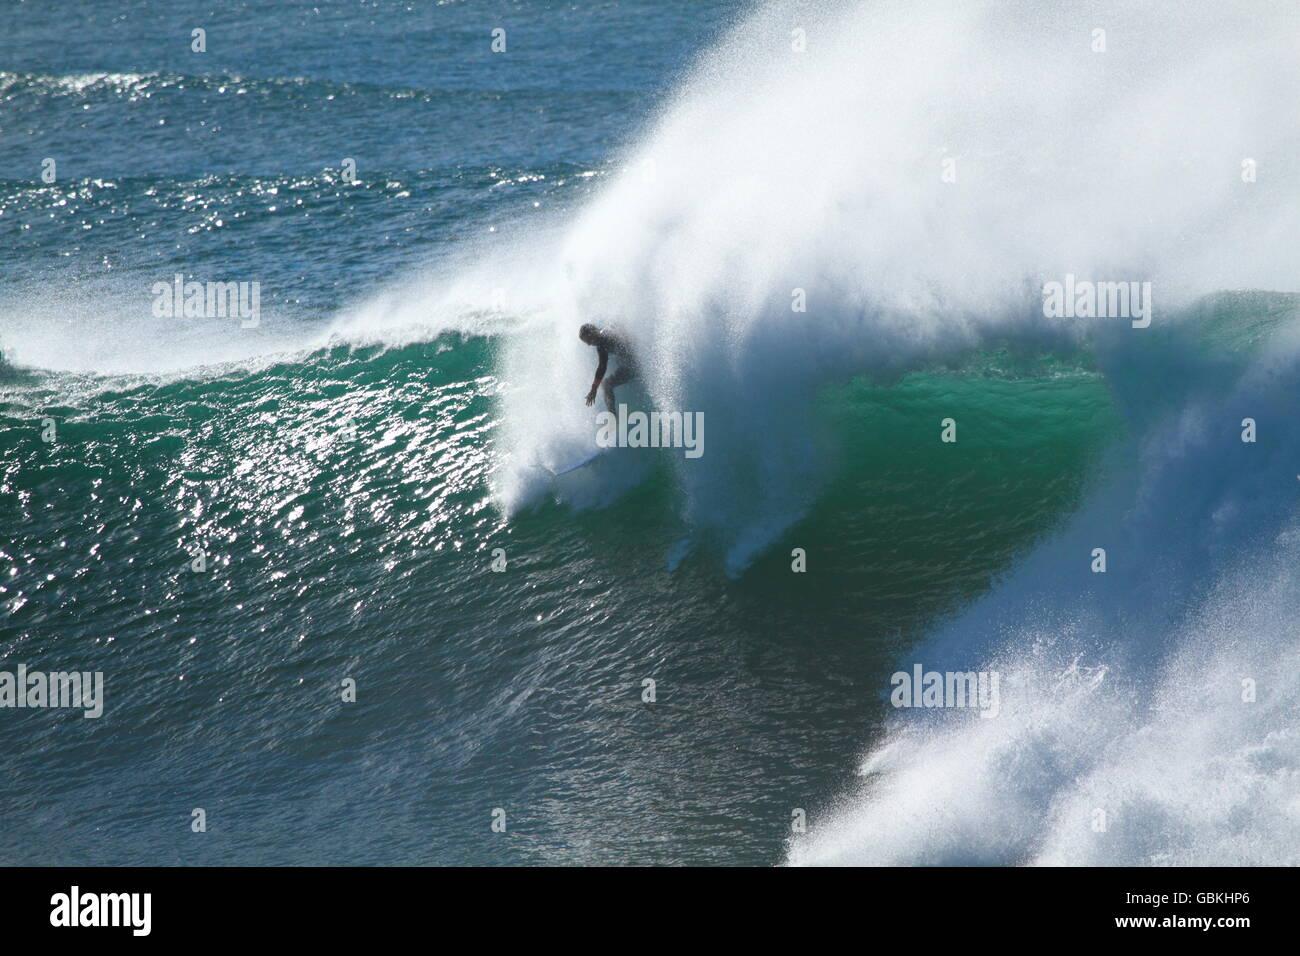 Un homme seul surfer en gouttes sur une grande vague au cours de big surf à Sandon Point, Bulli, NSW, Australie. Photo Stock